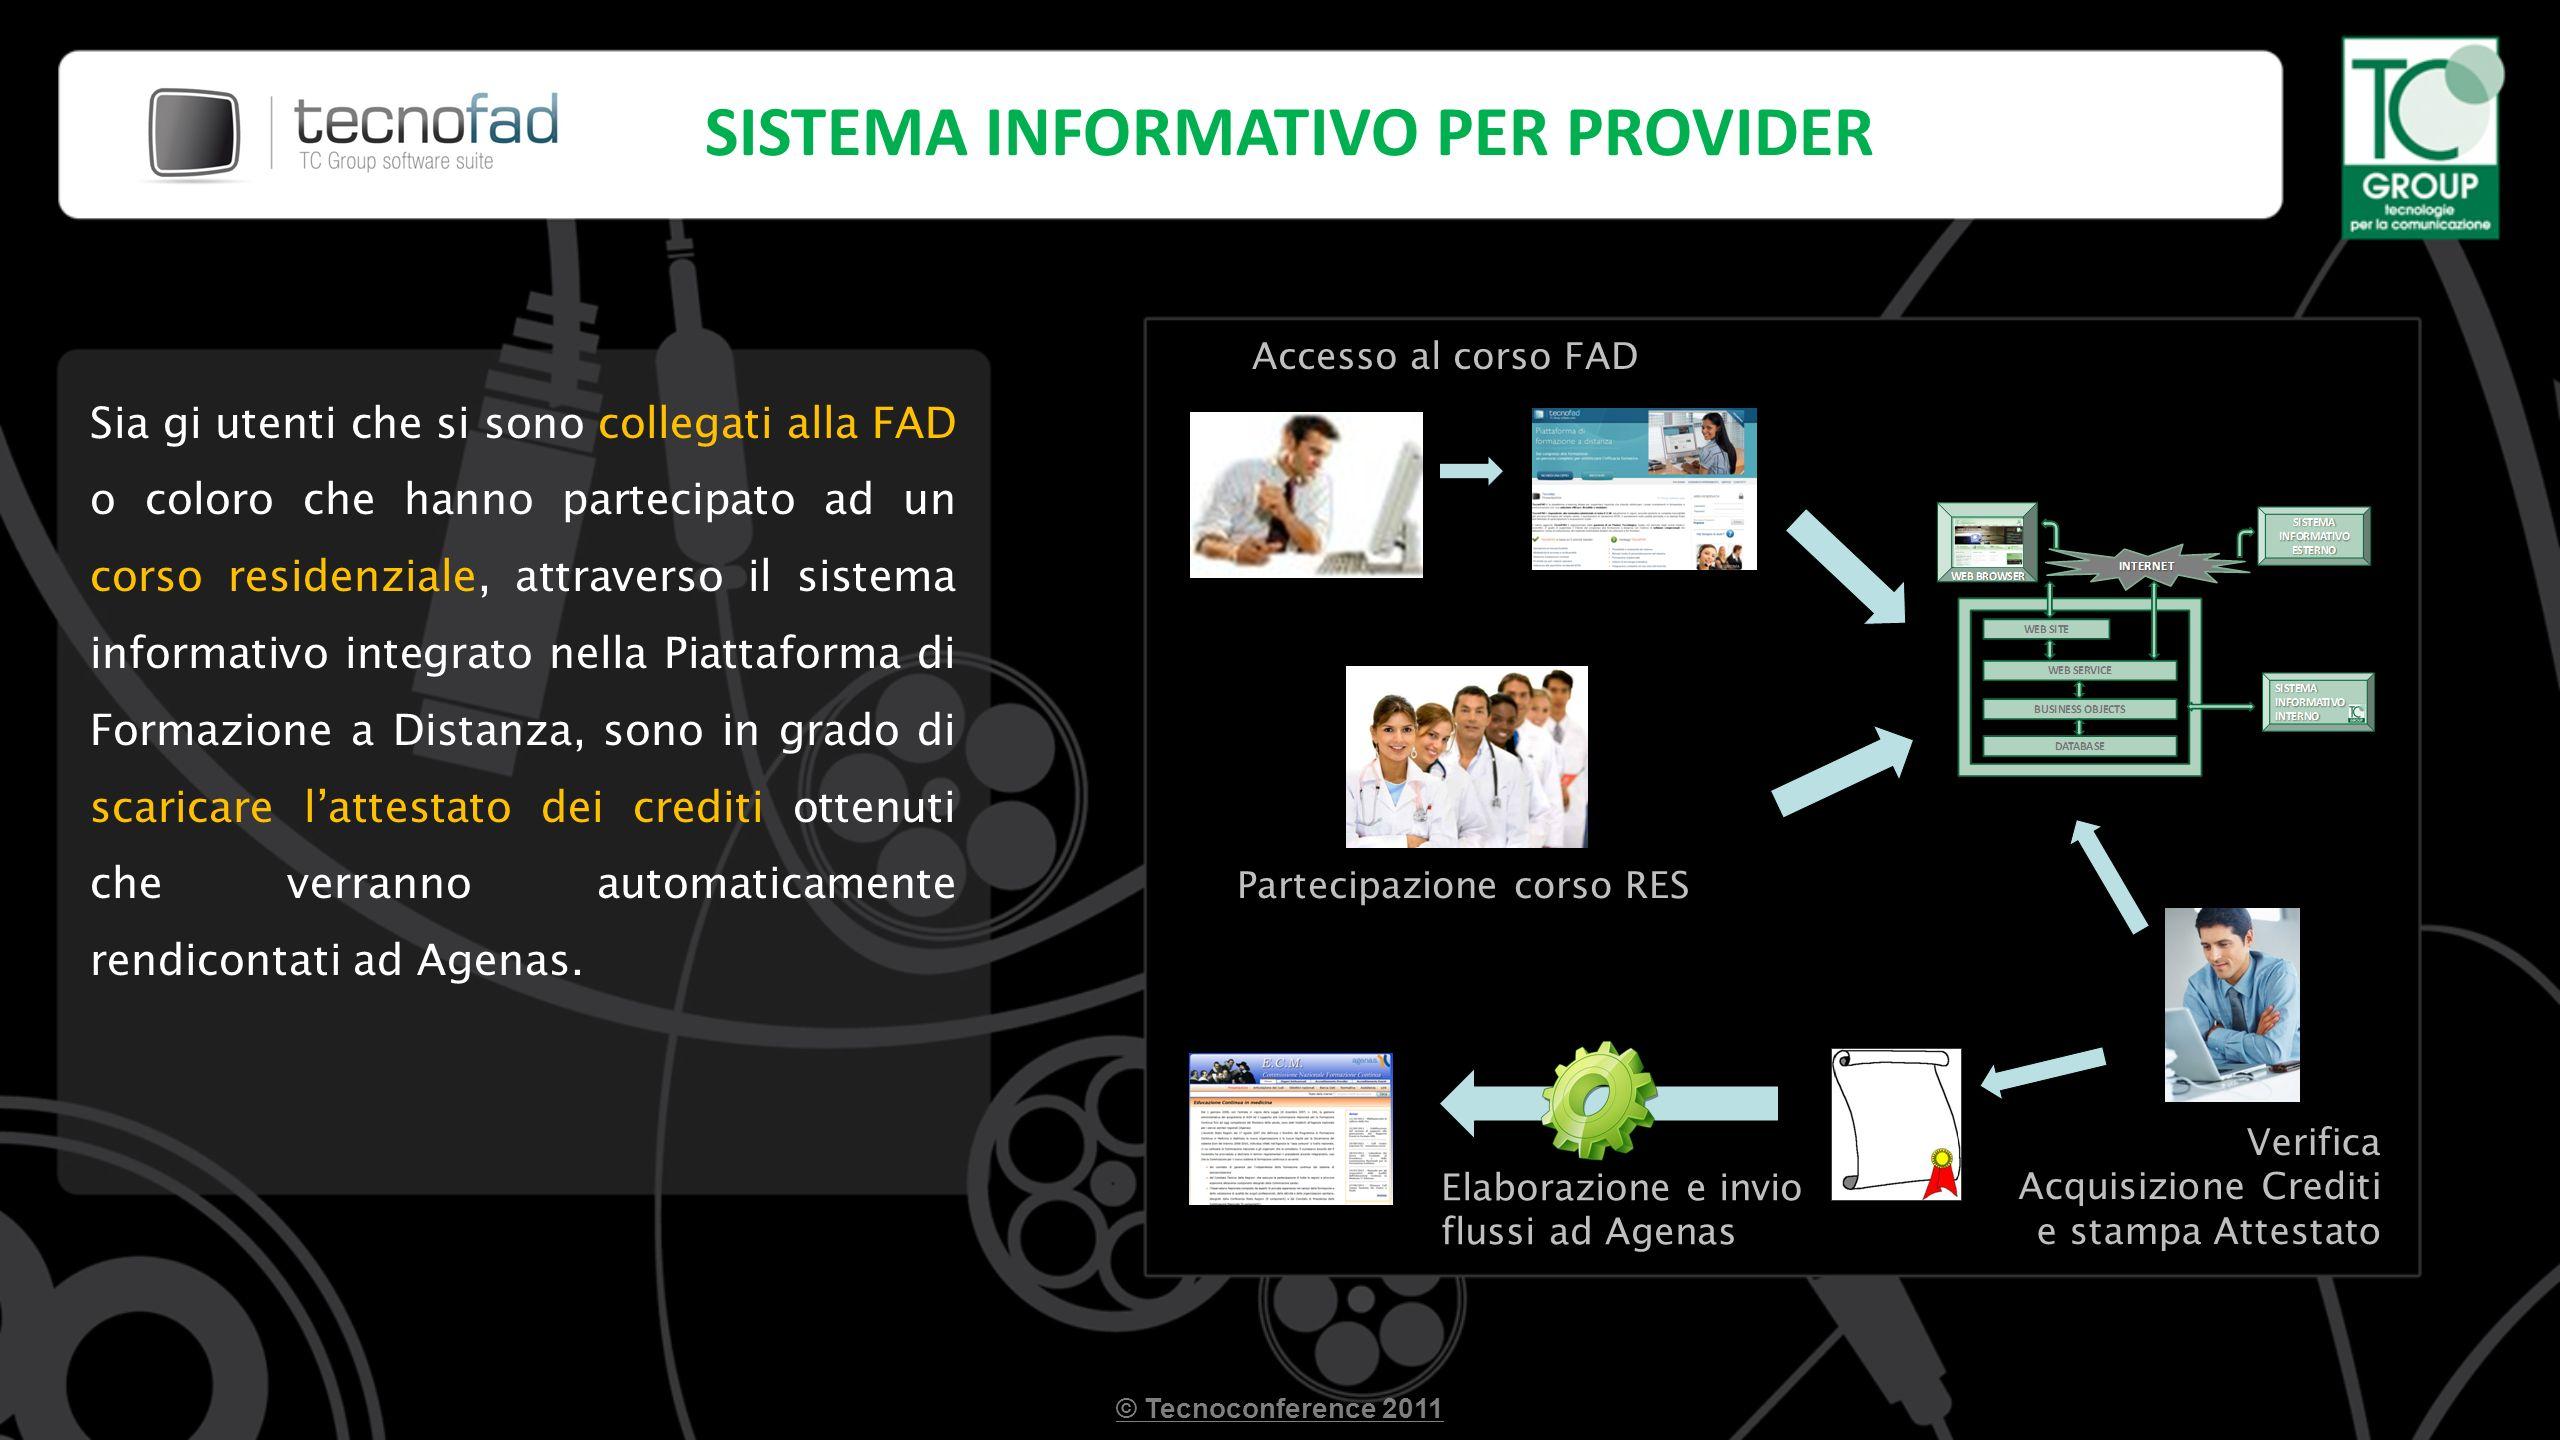 Sia gi utenti che si sono collegati alla FAD o coloro che hanno partecipato ad un corso residenziale, attraverso il sistema informativo integrato nell